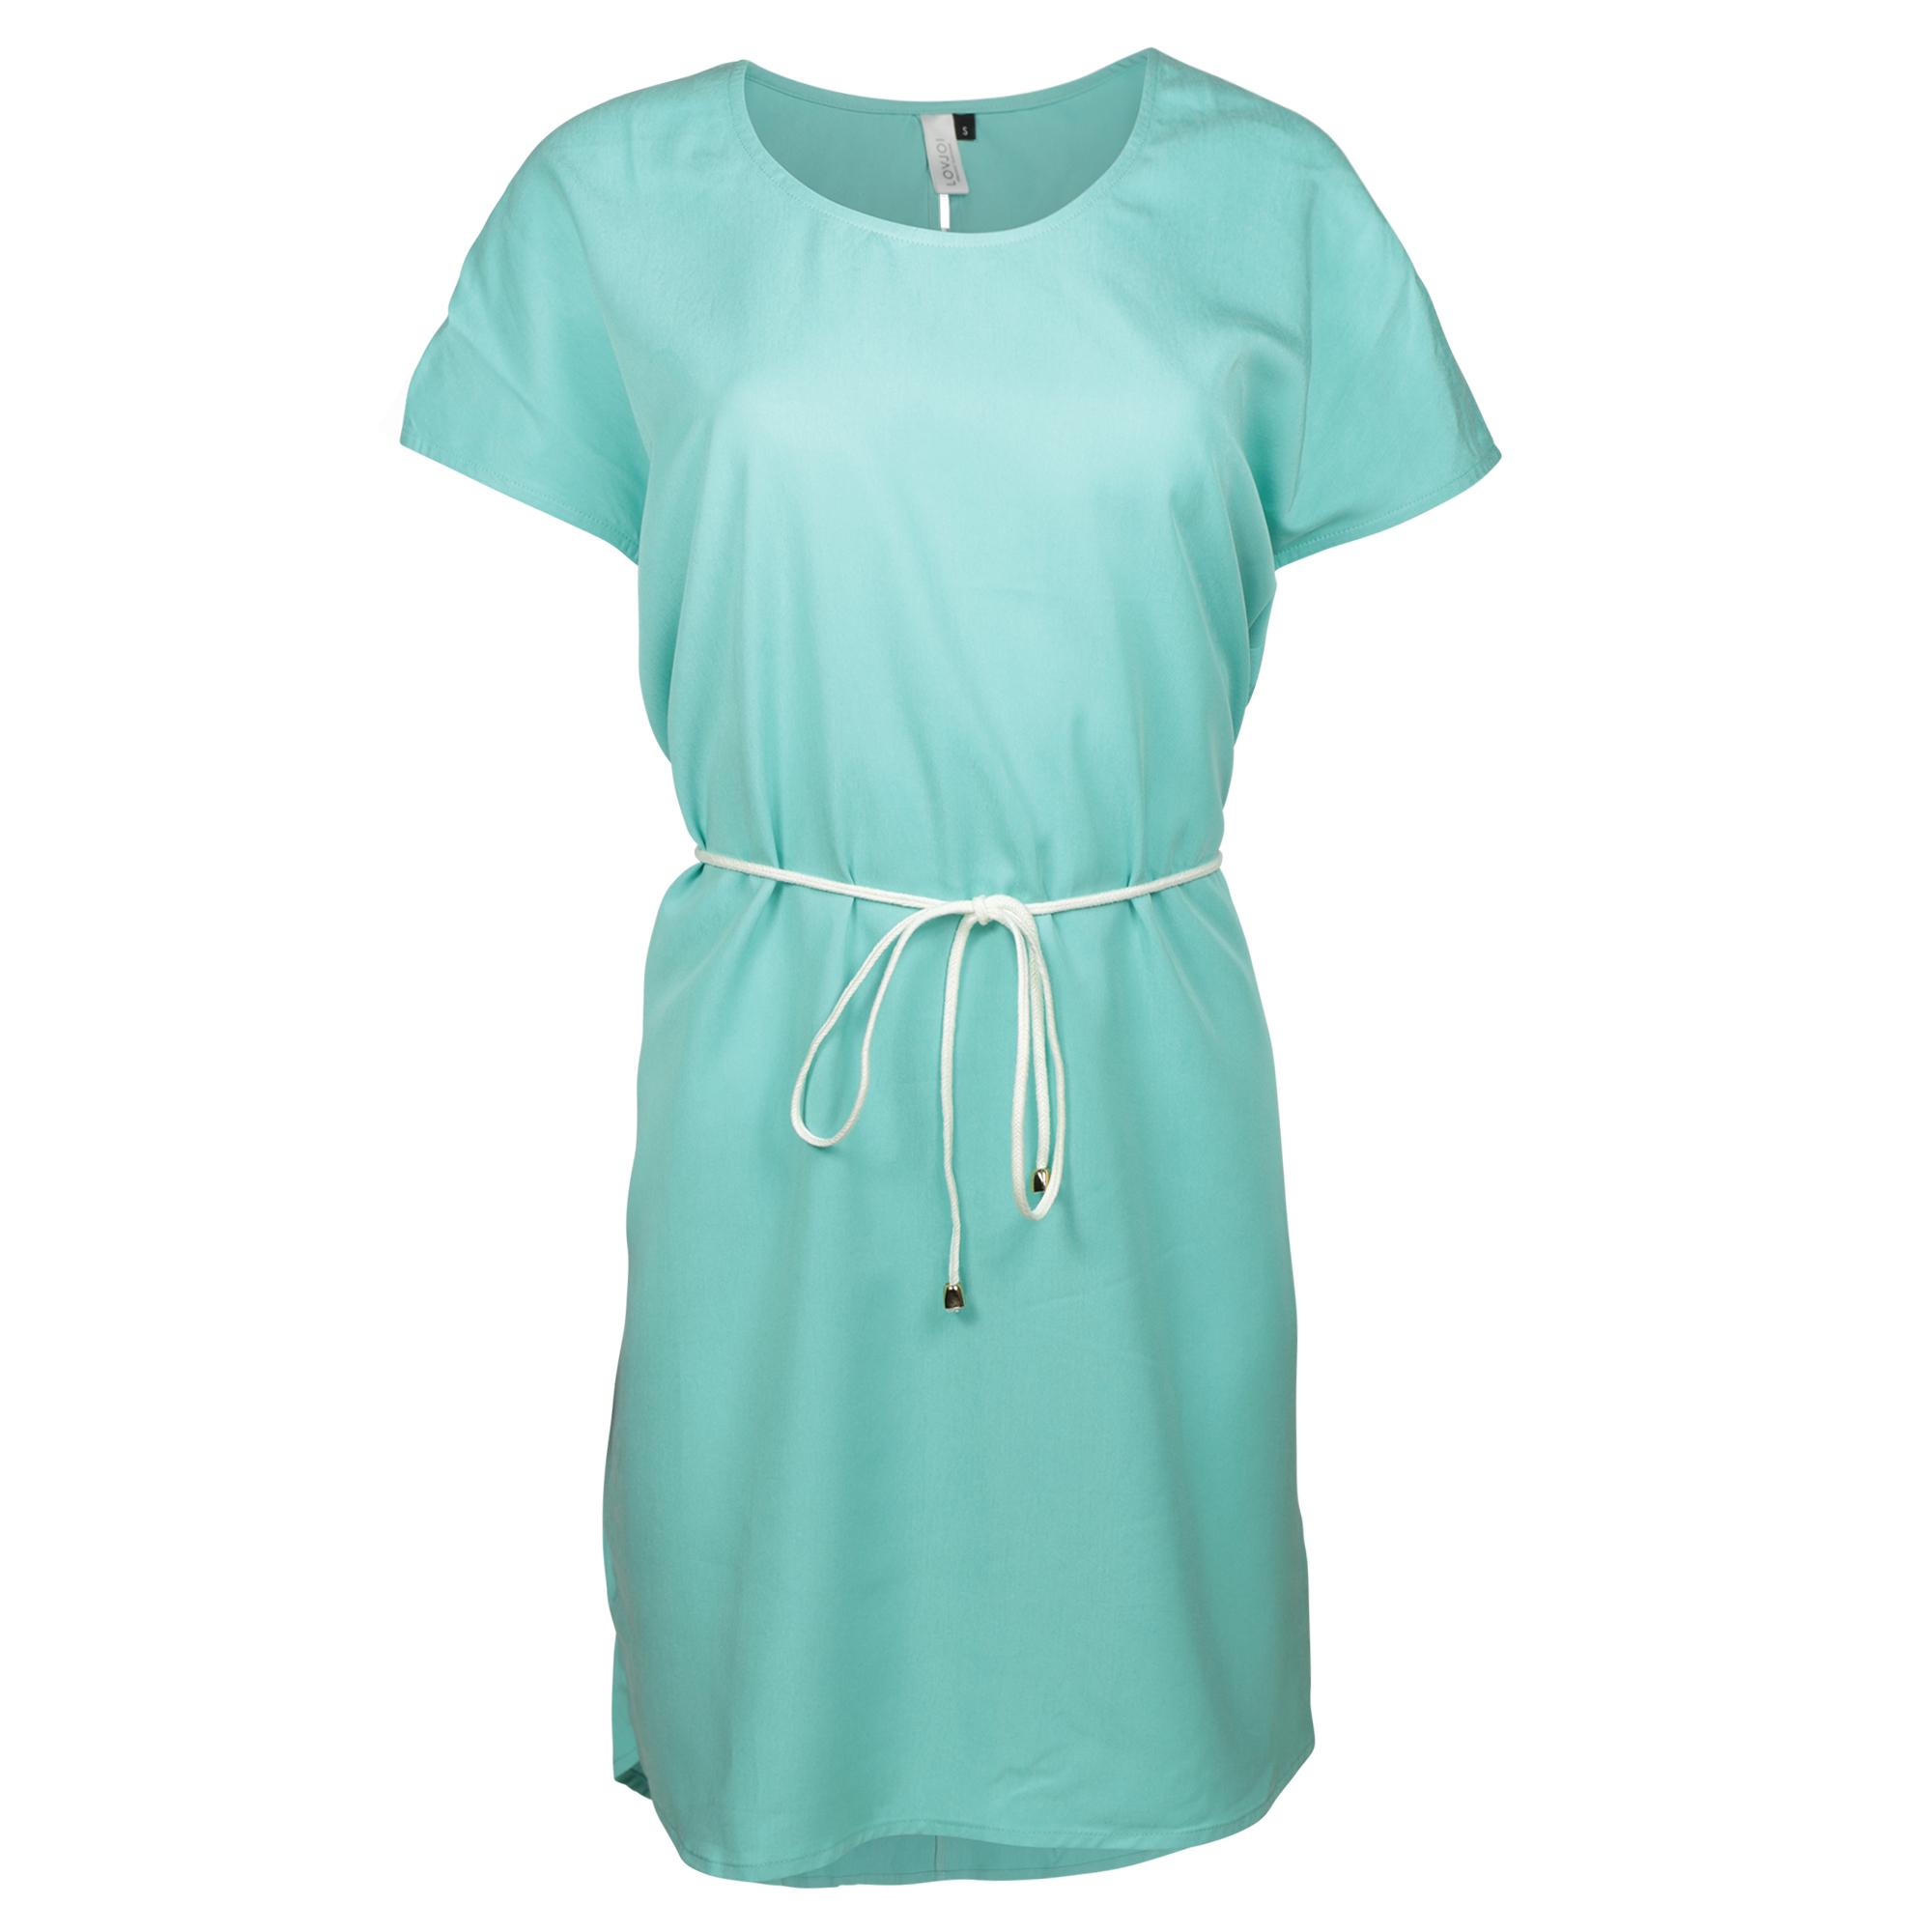 LOVJOI LOURES Dress lagoon Nachhaltig & Fair